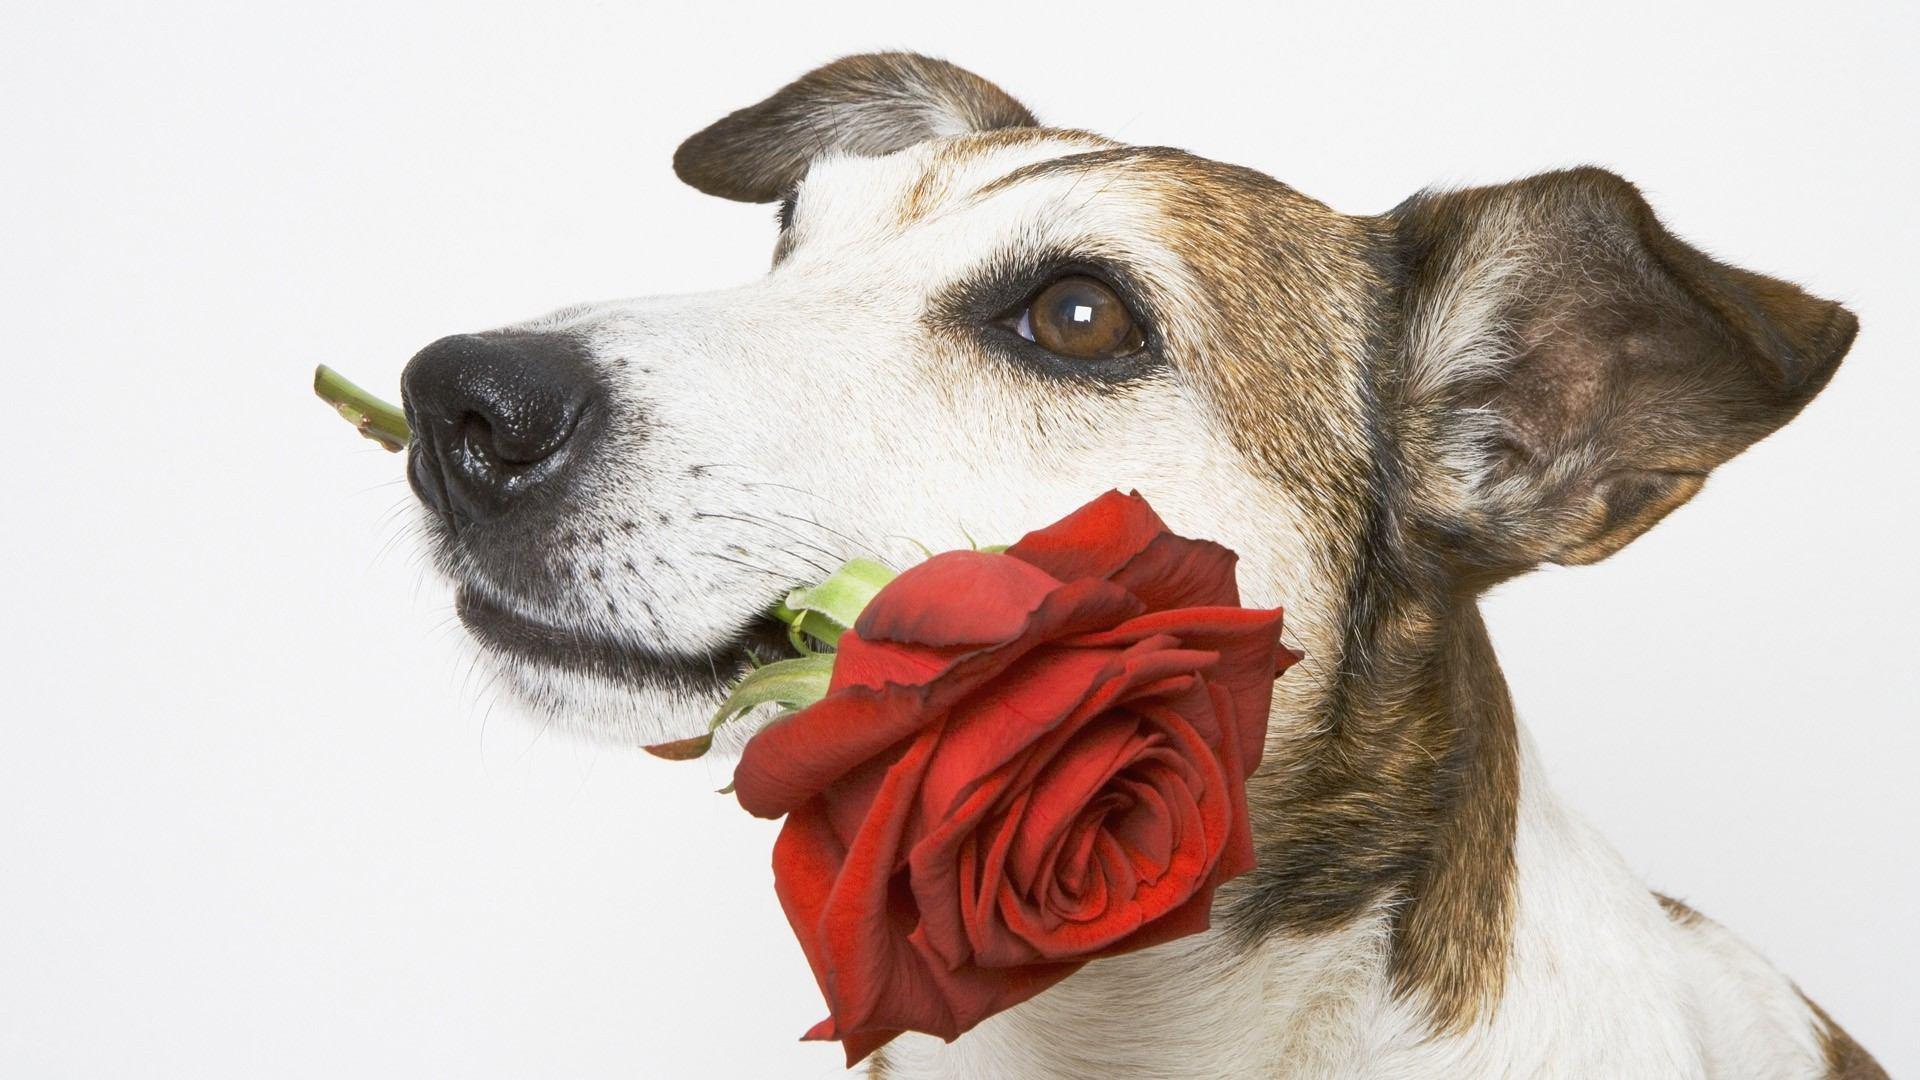 действия картинки животных для поздравления с днем рождения правило